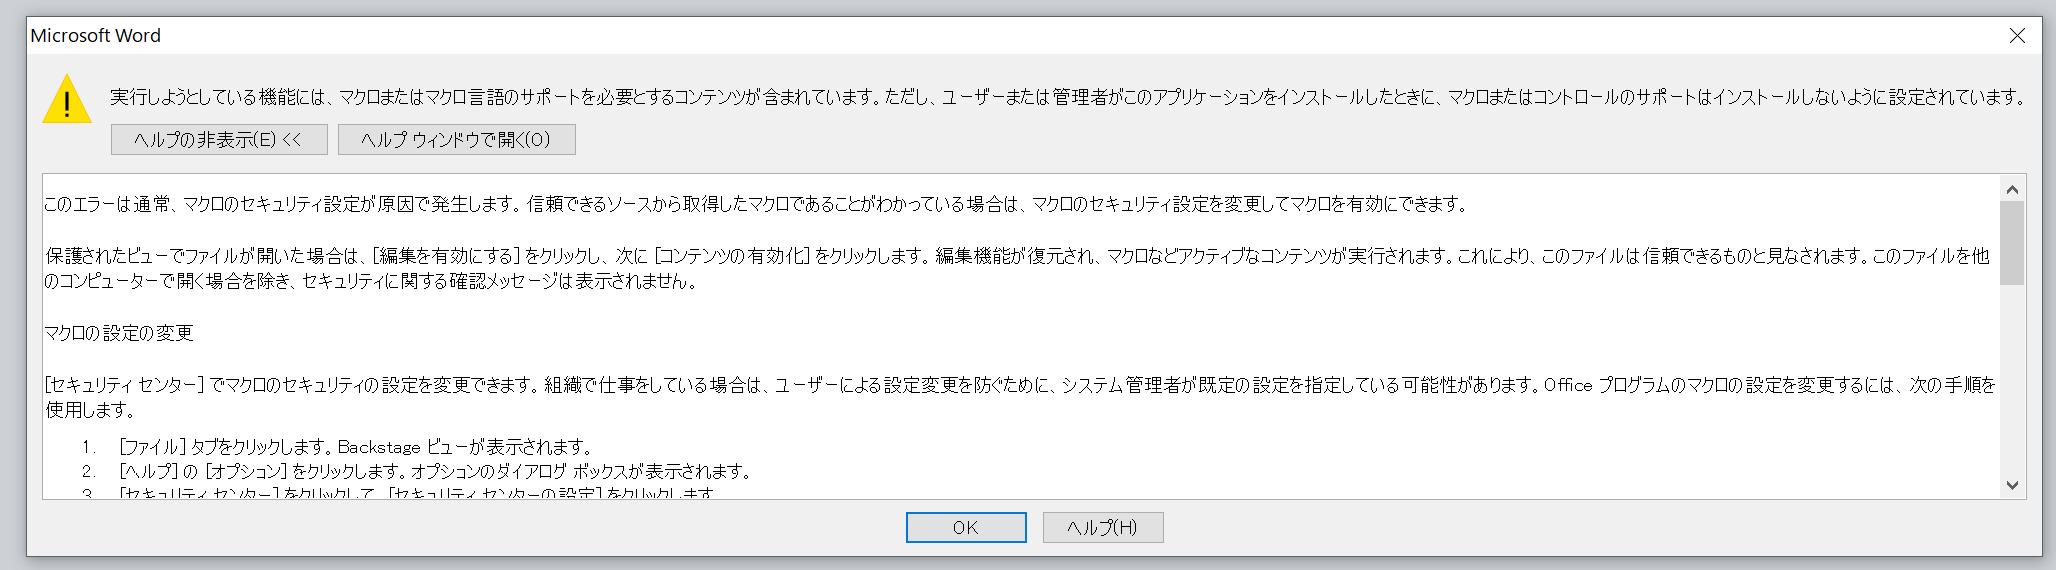 実行しようとしている機能には、マクロまたはマクロ言語のサポートを必要とするコンテンツが含まれています。ただし、ユーザーまたは管理者がこのアプリケーションをインストールしたときに、マクロまたはコントロールのサポートはインストールしないように設定されています。